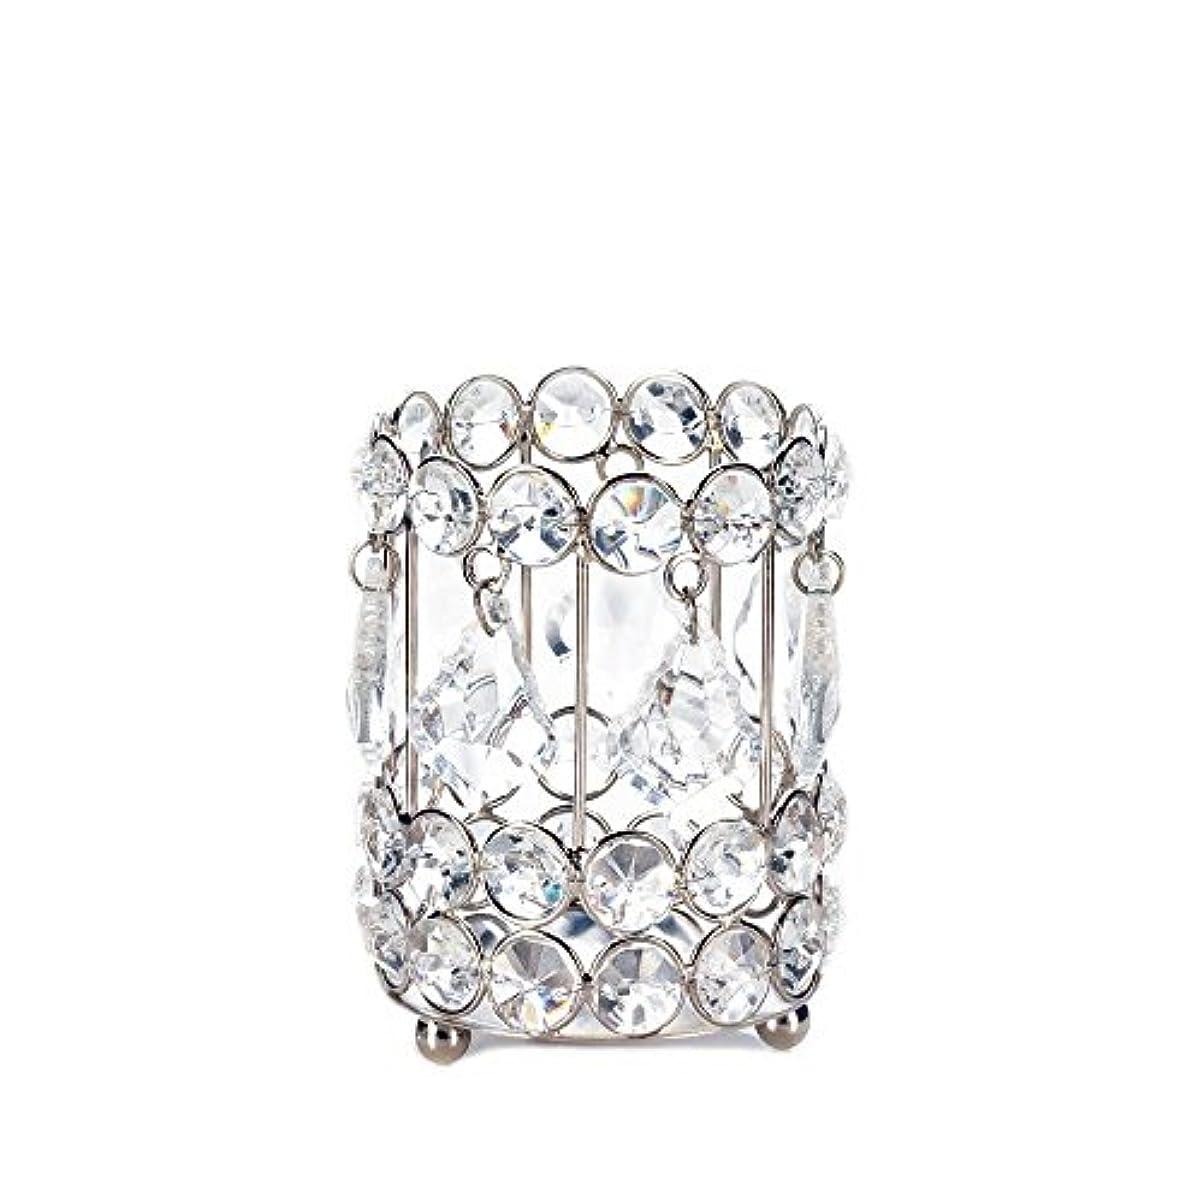 大学院アクセシブル時系列Gallery of Light 10018136 Super Bling Crystal Drops Candle Holder - 4 in.